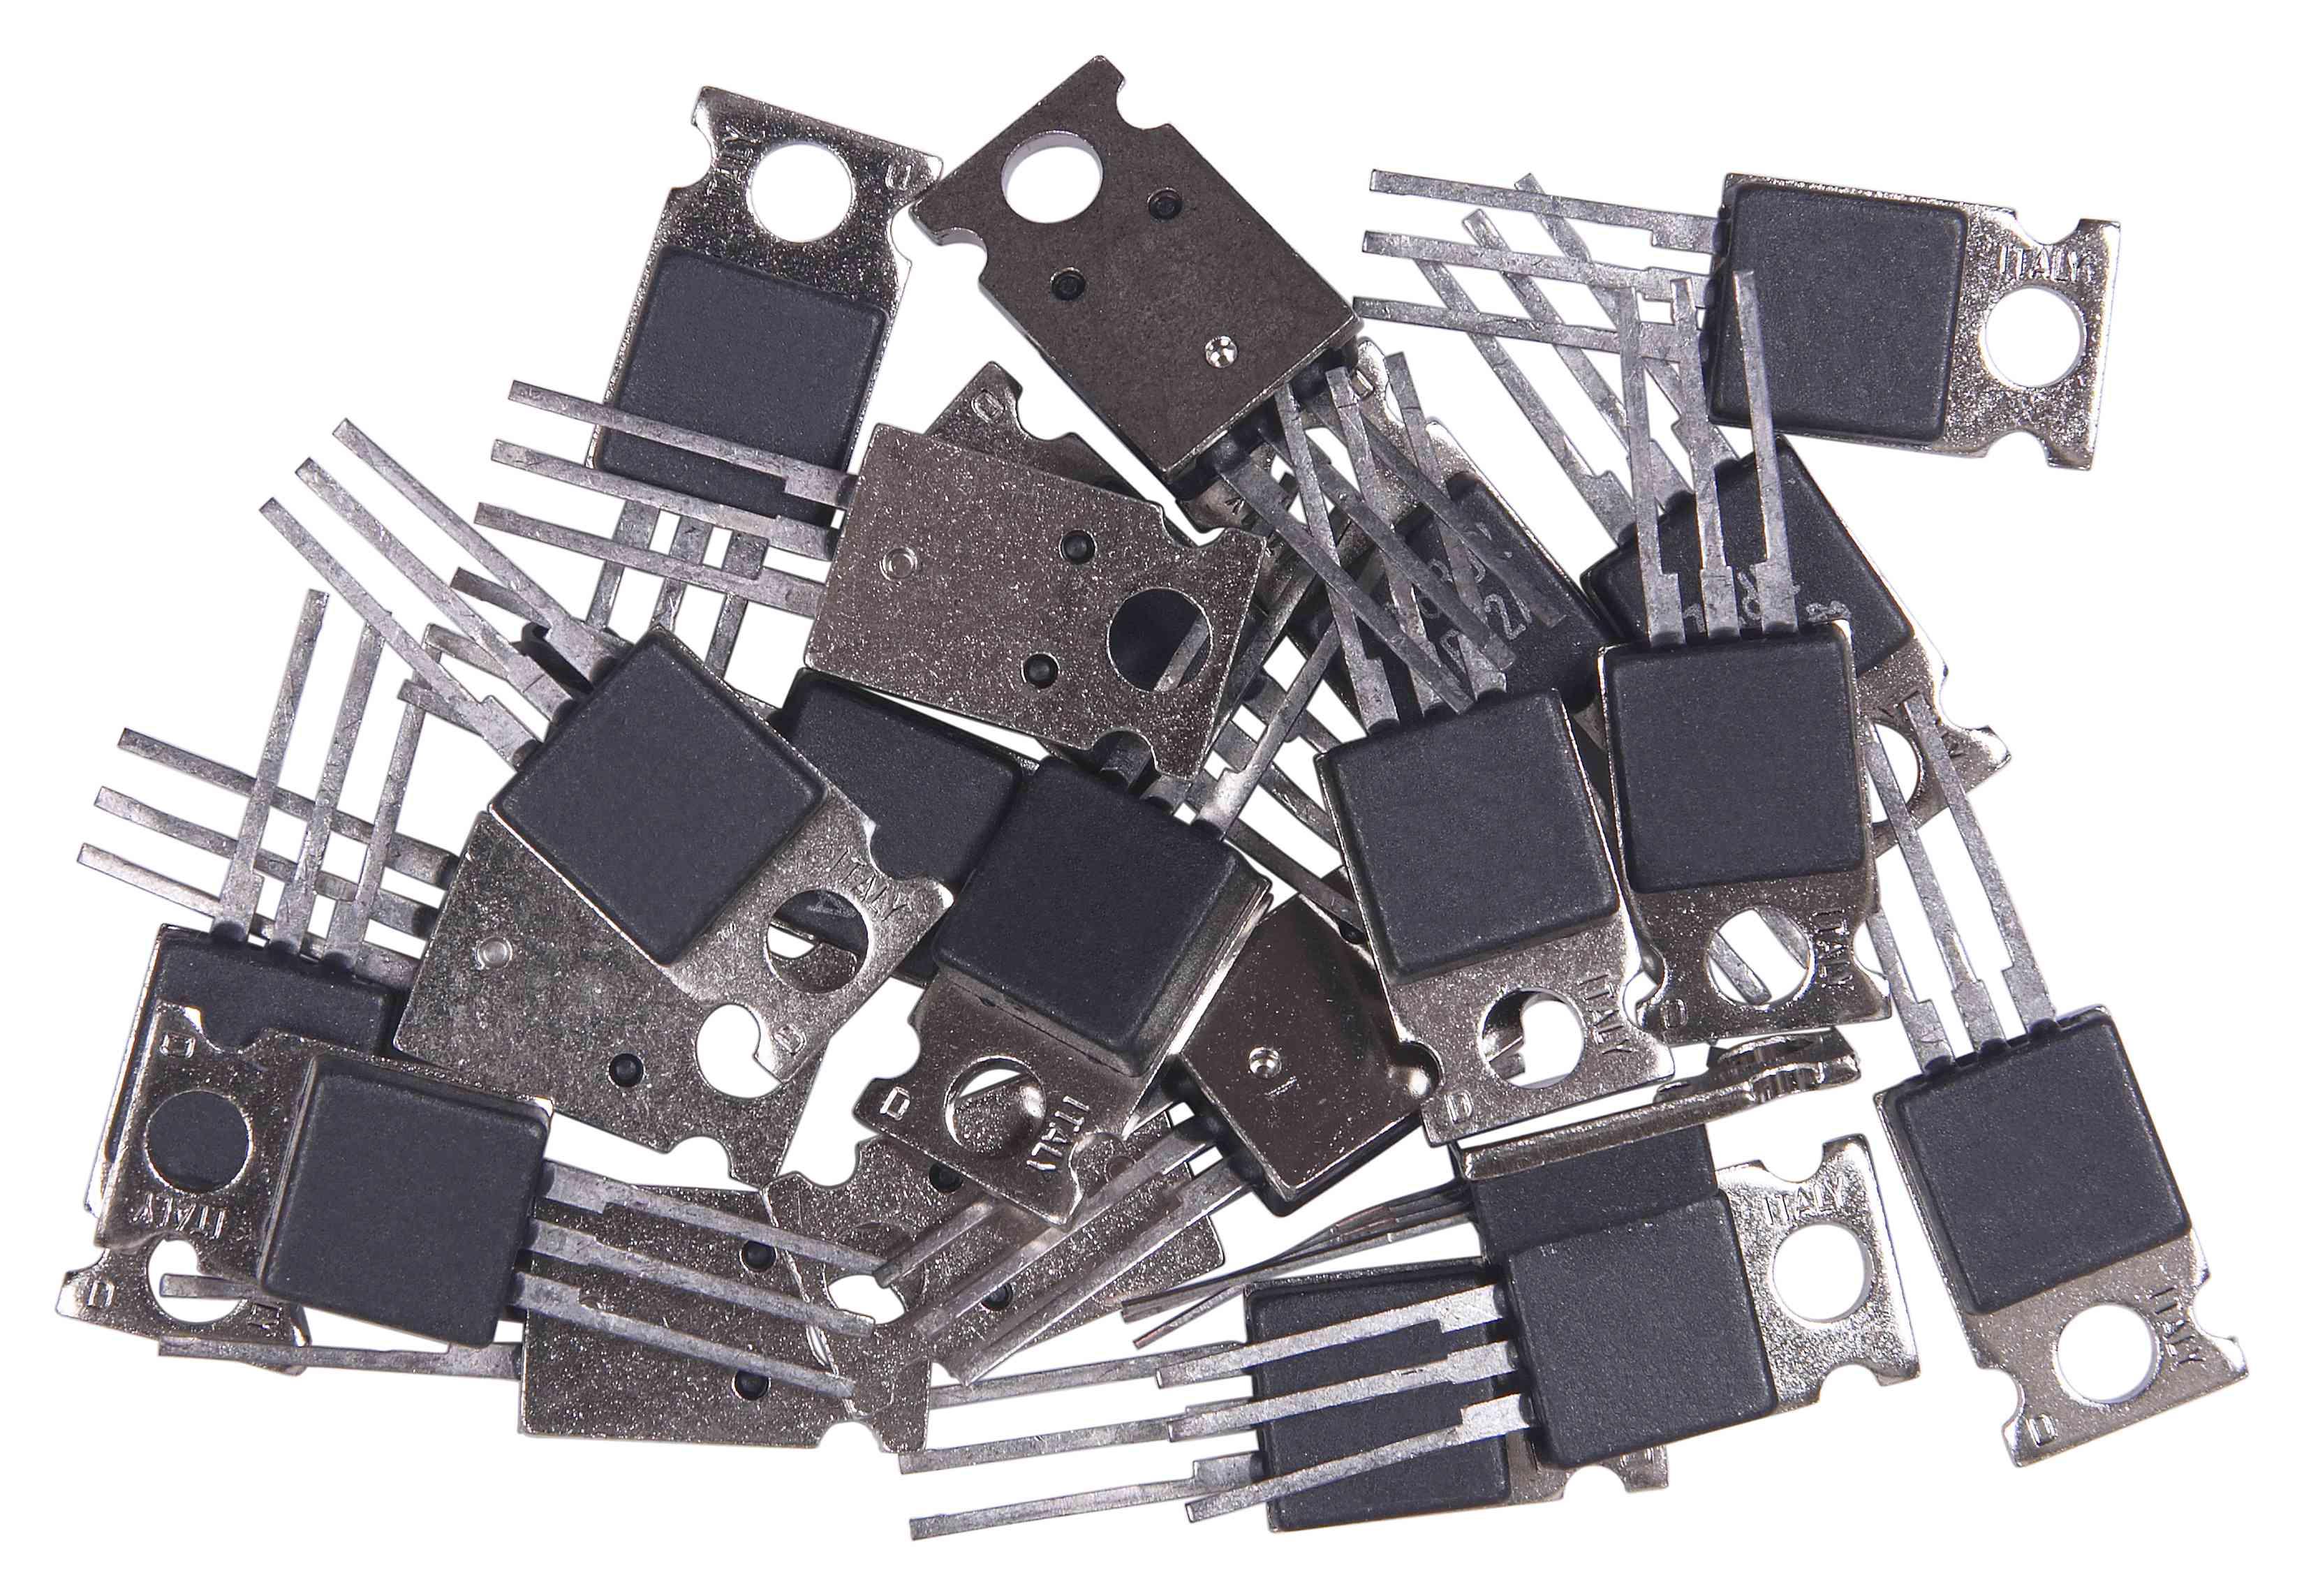 Assortment of voltage regulators